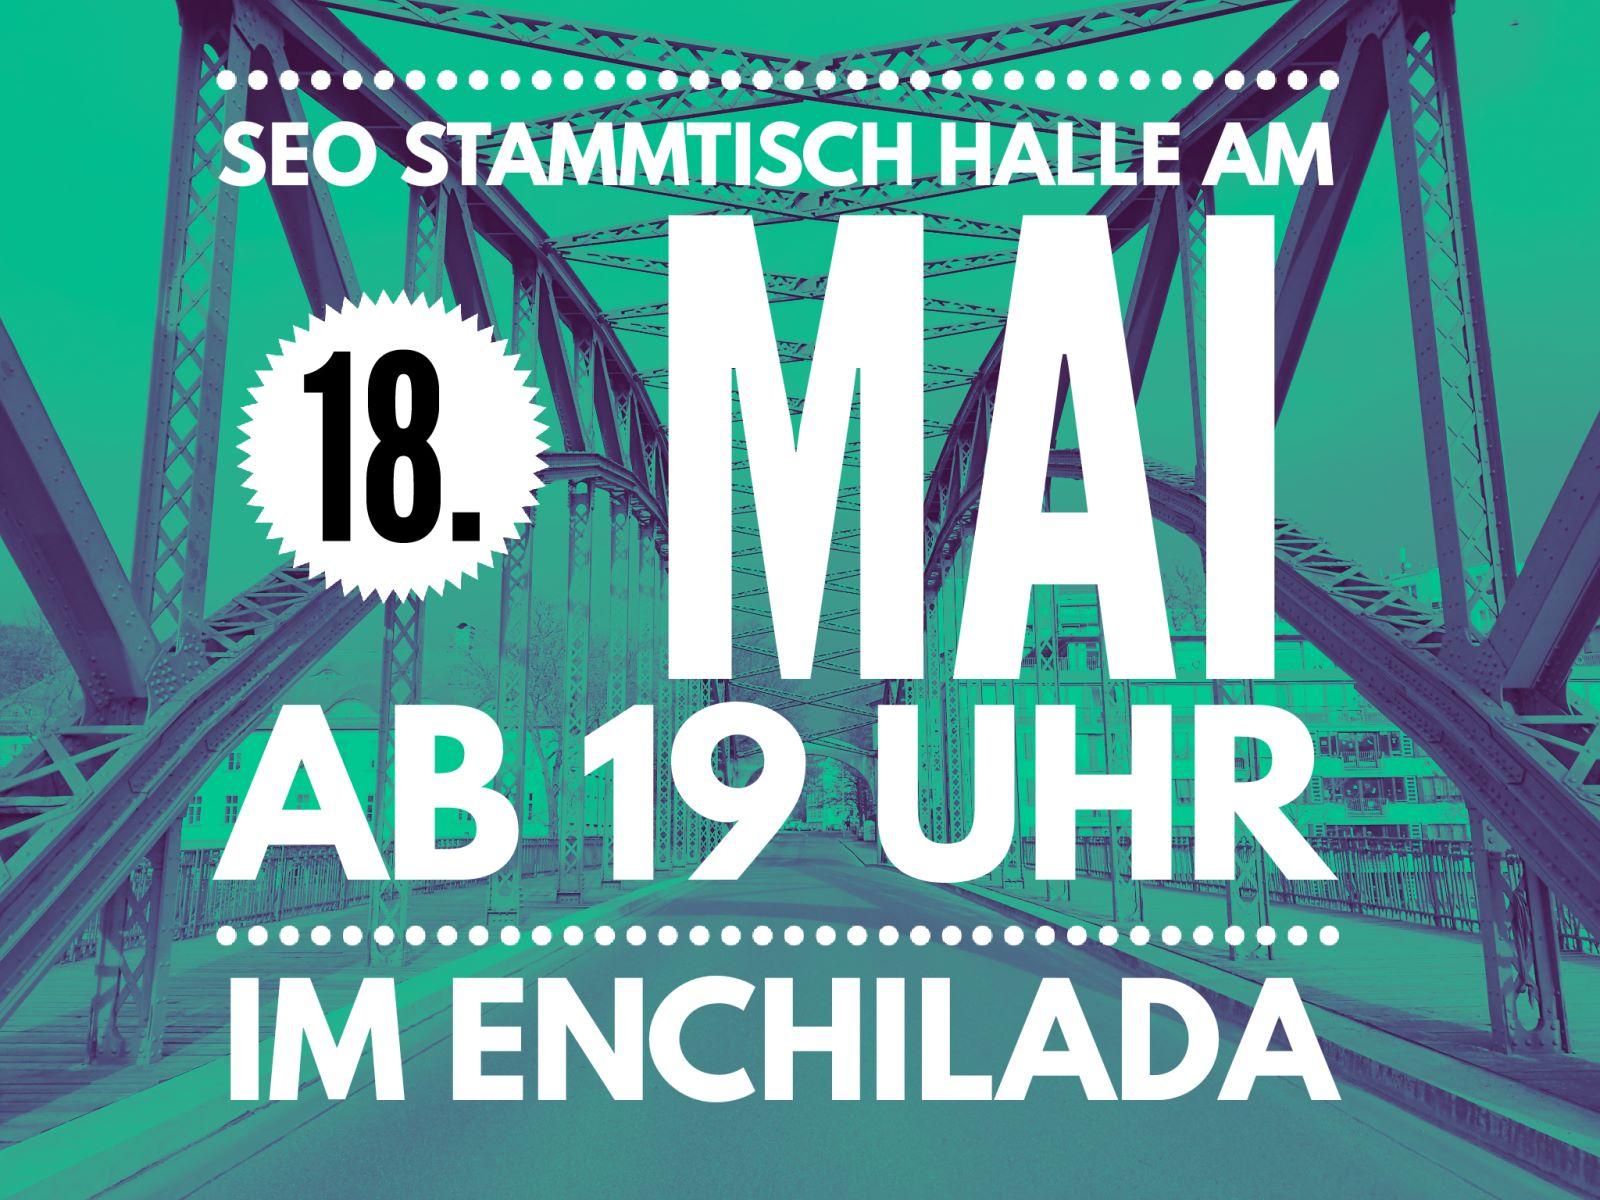 SEO Stammtisch Halle am 18.05.2017 im Enchilada